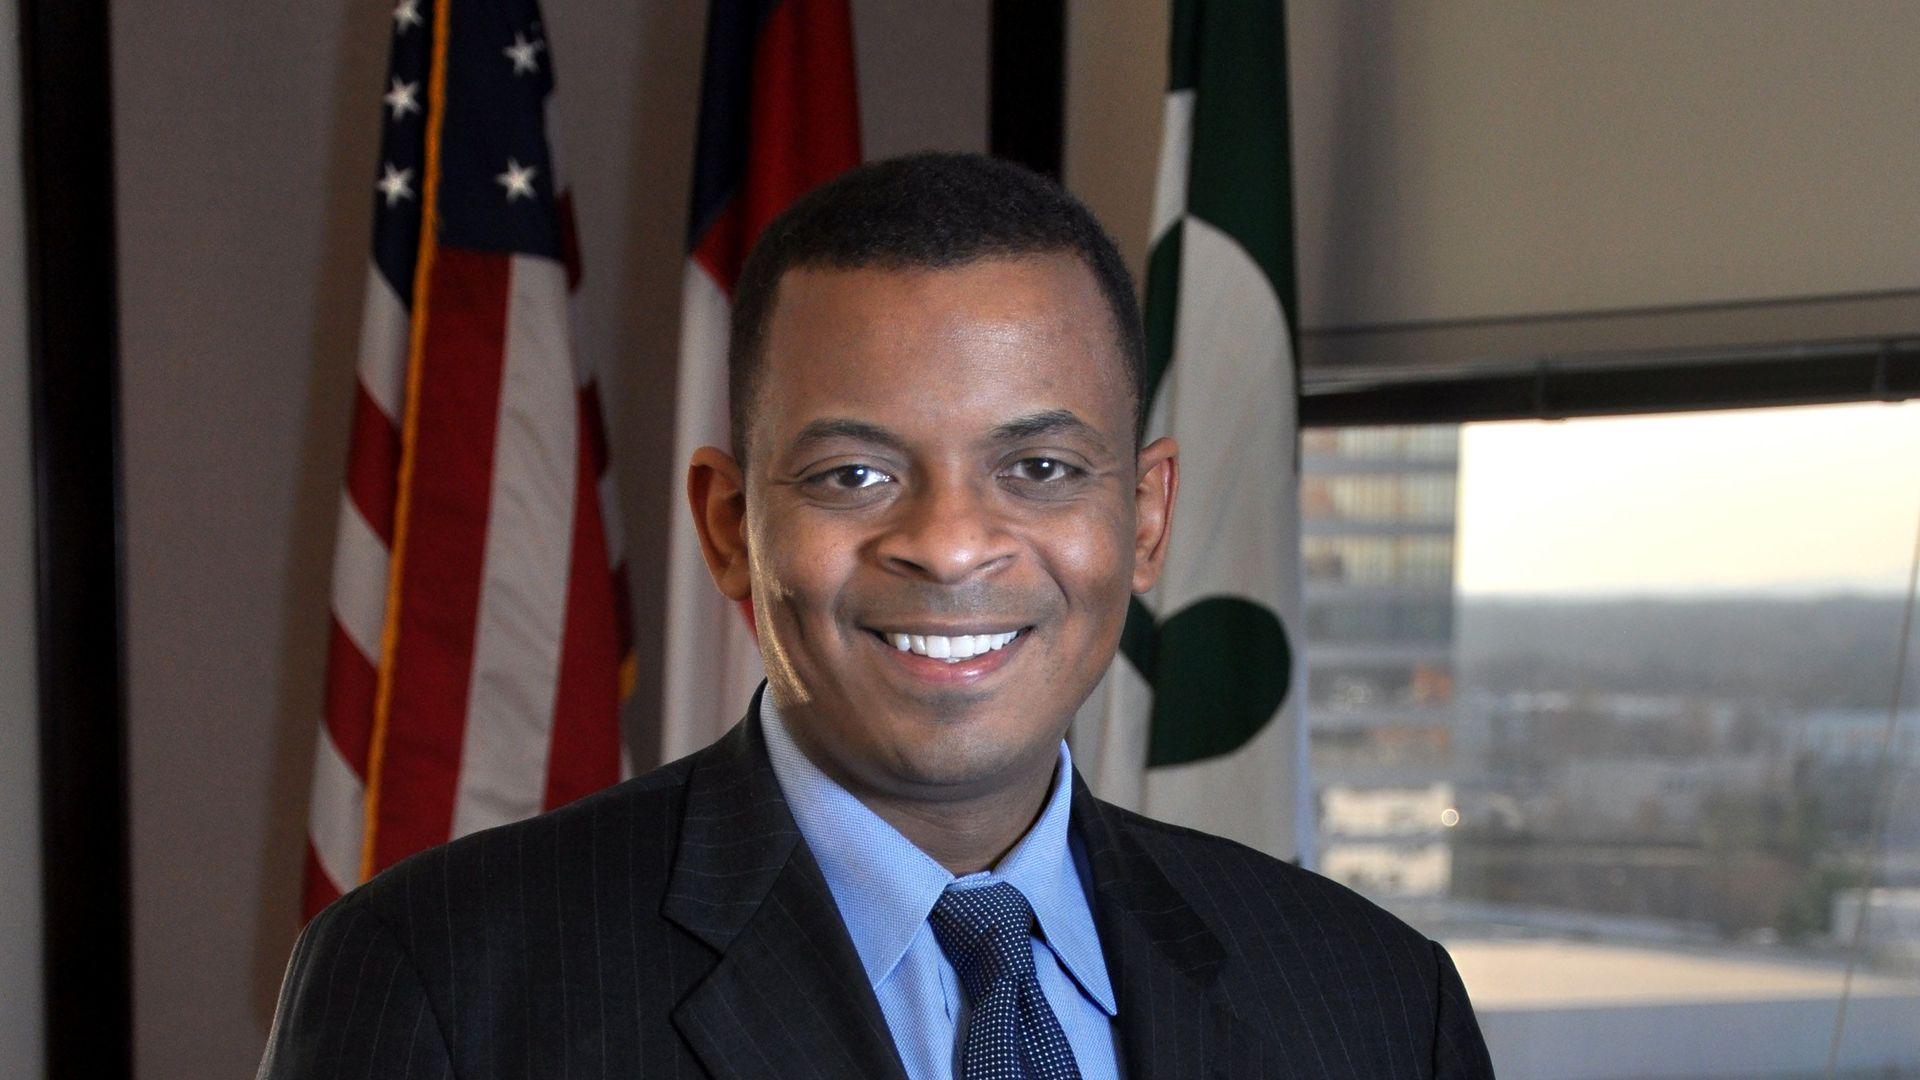 Photo of ex-Obama Transportation Secretary Anthony Foxx.